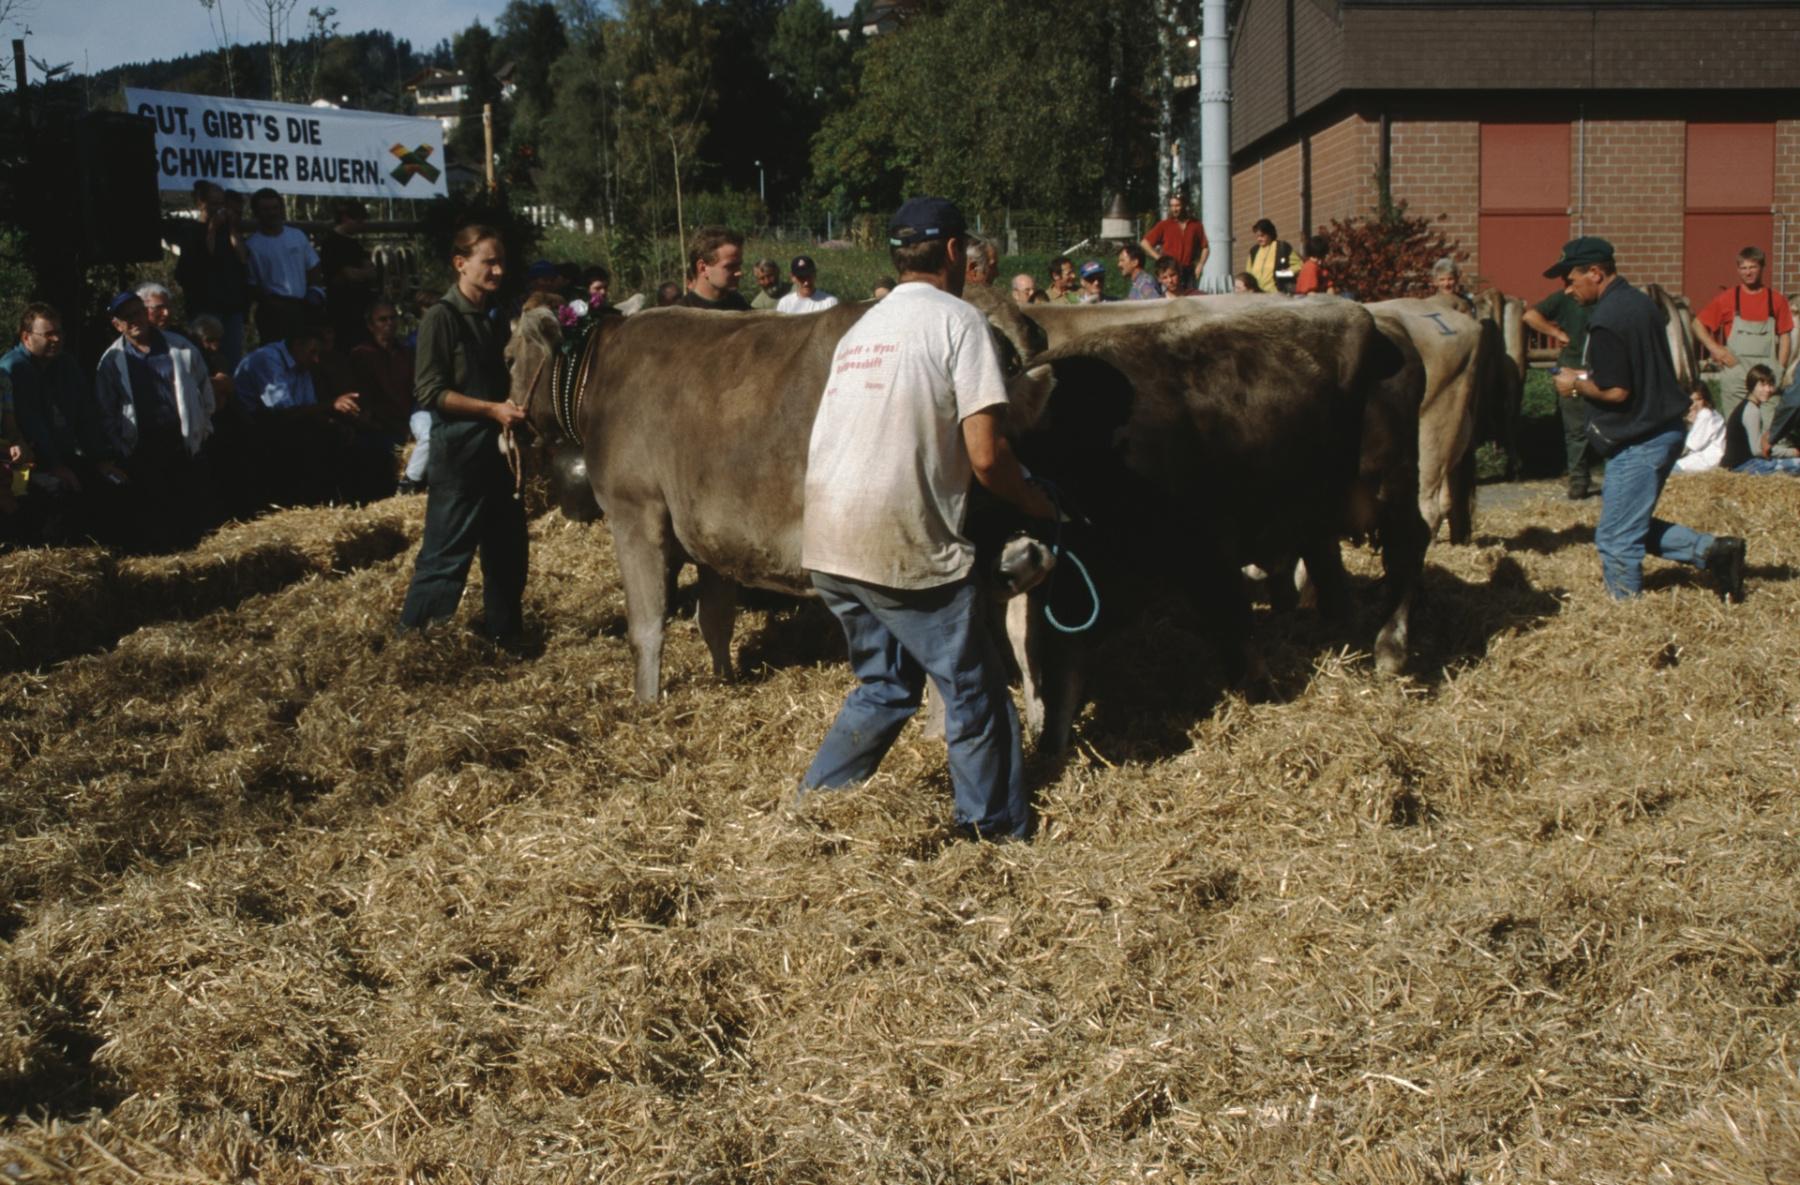 Viehprämierung Spezialprämierungen am Nachmittag